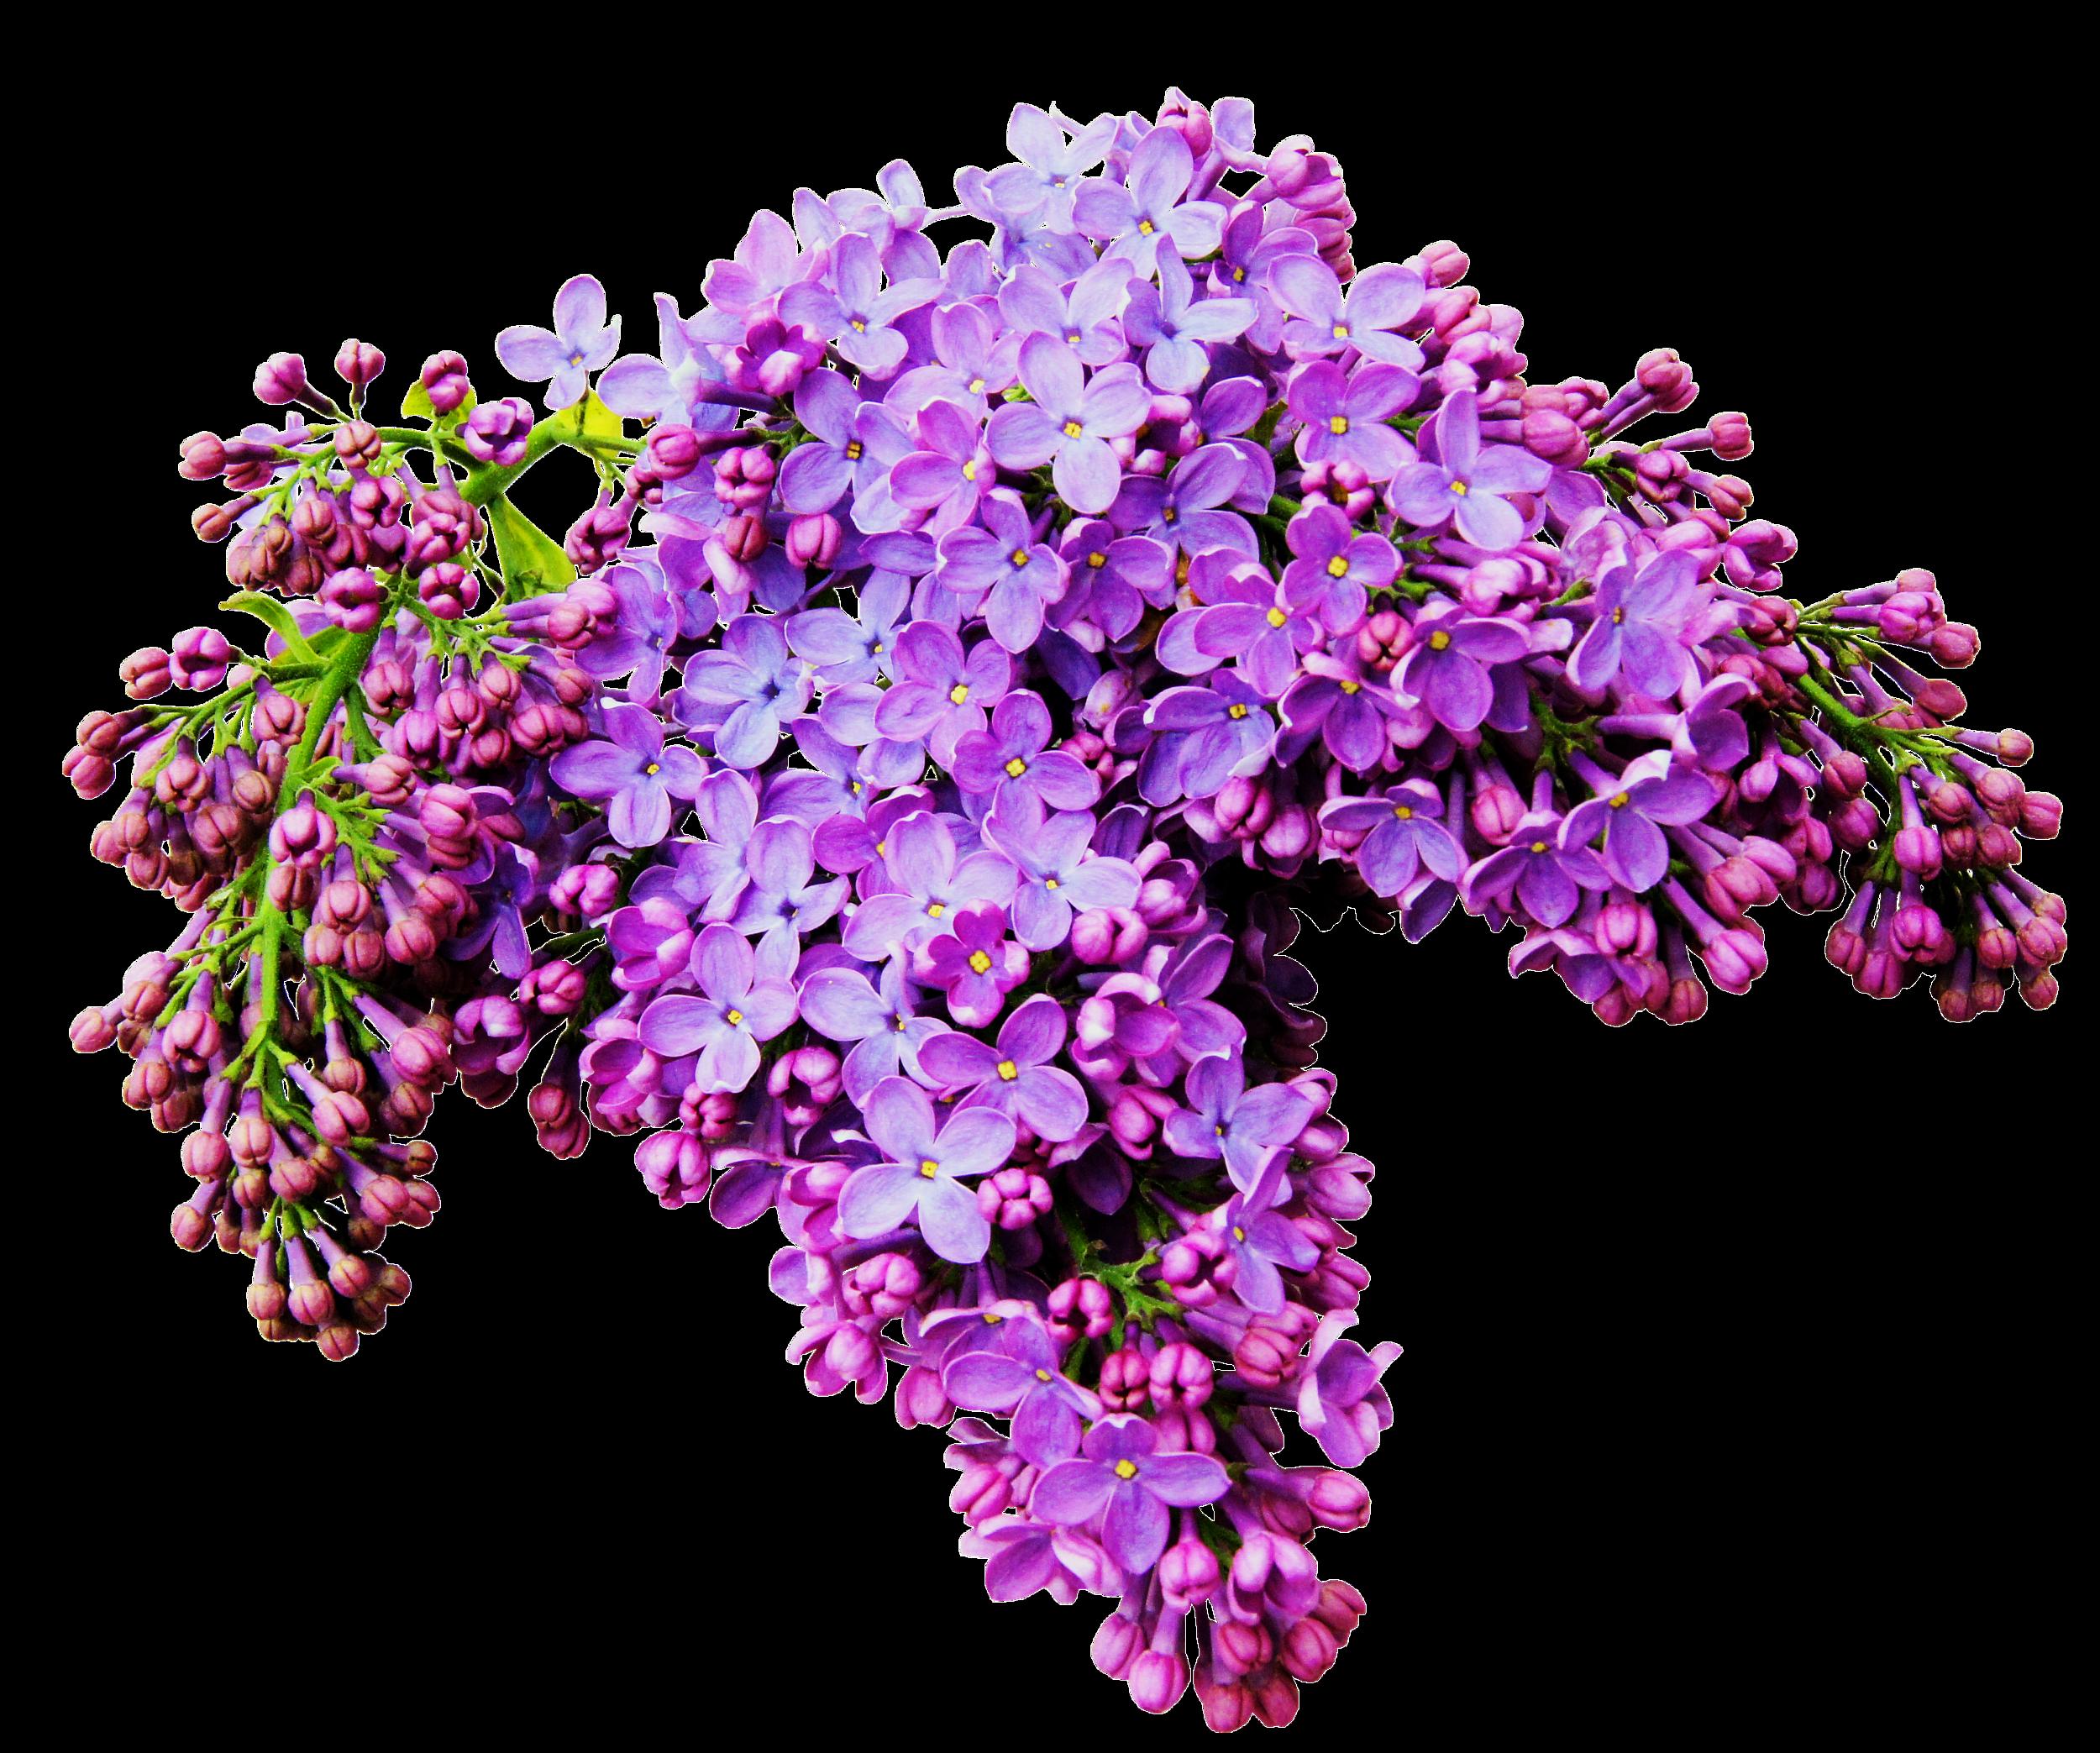 Purple flower bouquet clipart png transparent stock Lilac Flower Albom Clip art - A bouquet of beautiful flowers 2500 ... png transparent stock